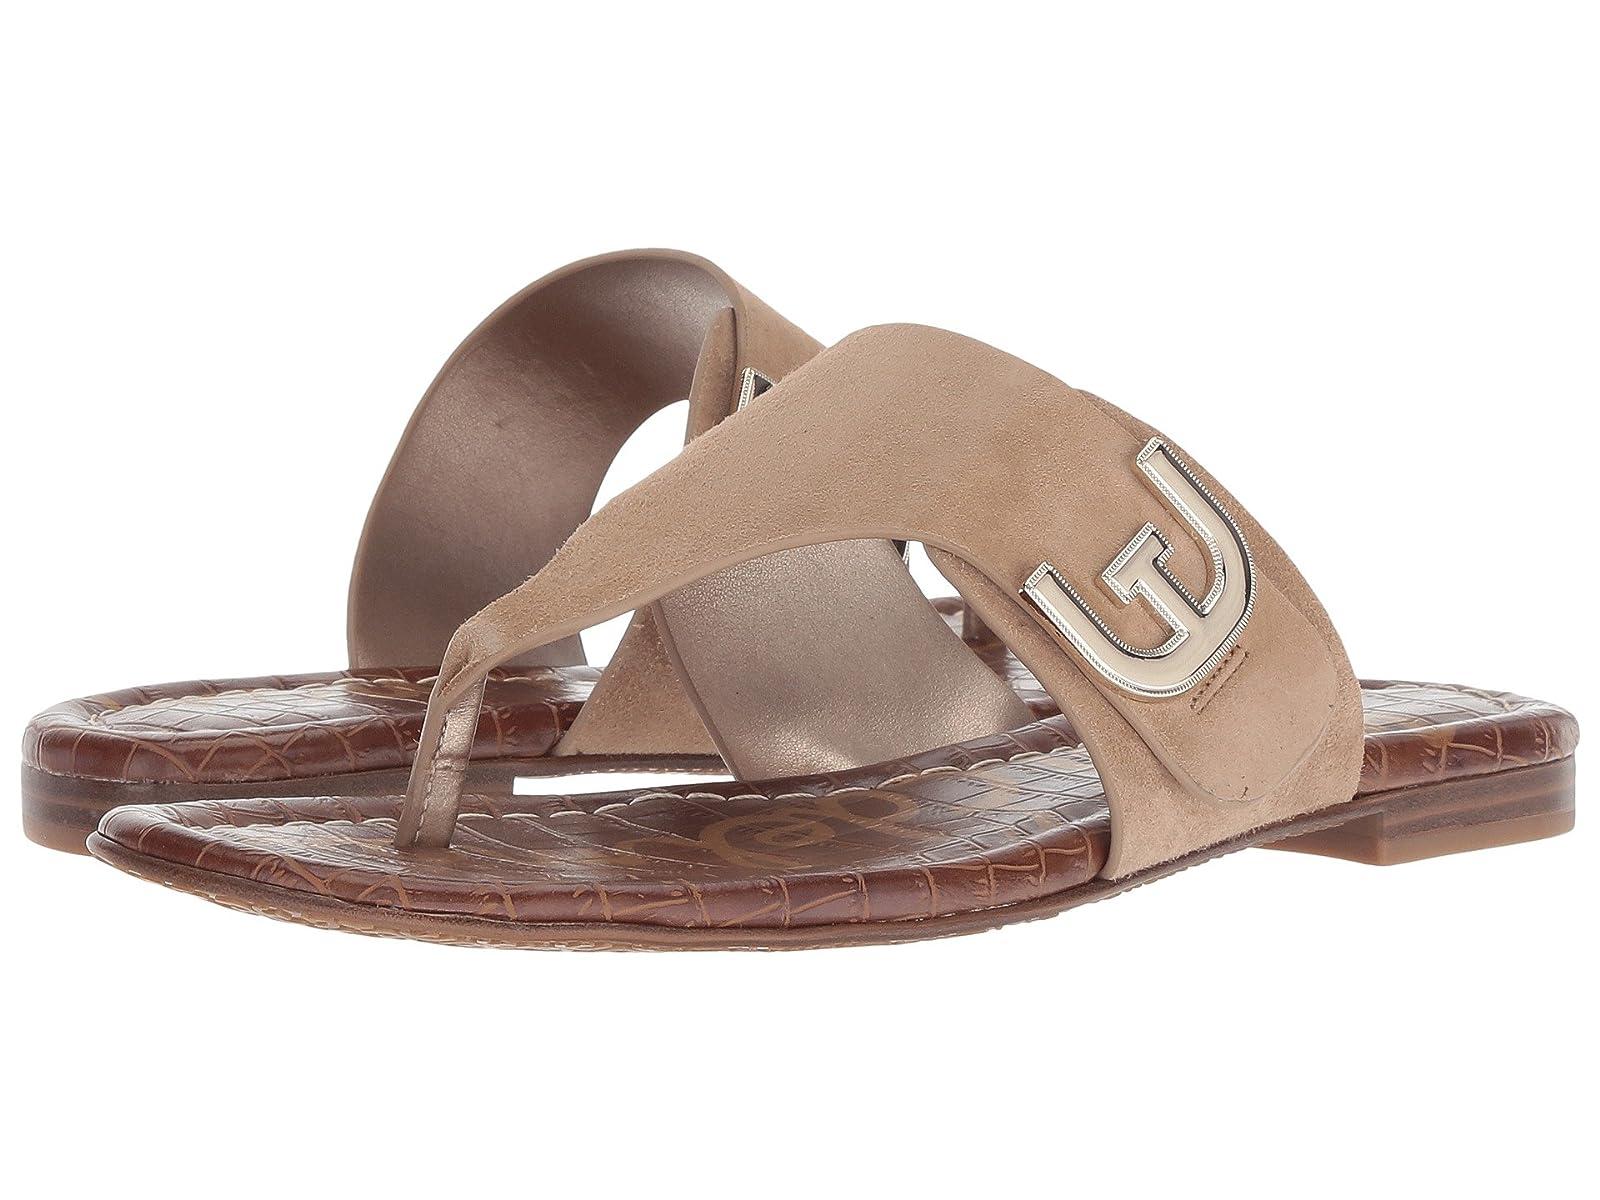 Sam Edelman BarryAtmospheric grades have affordable shoes